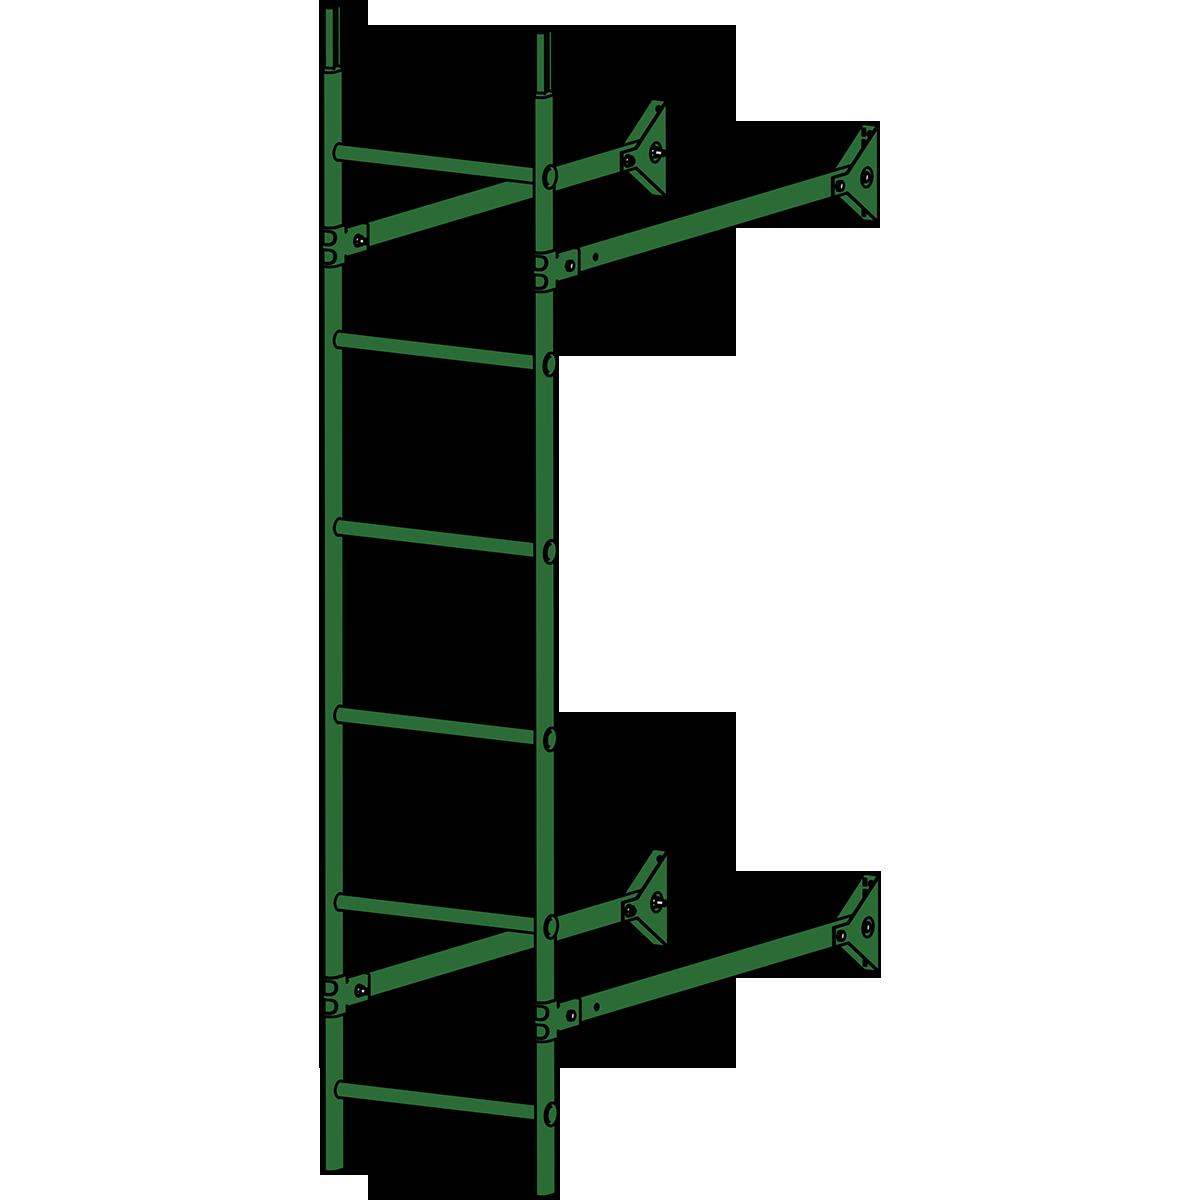 Лестница стеновая ROOFSYSTEMS ELITE 400 1,8 м RAL 6002 Зеленый лист